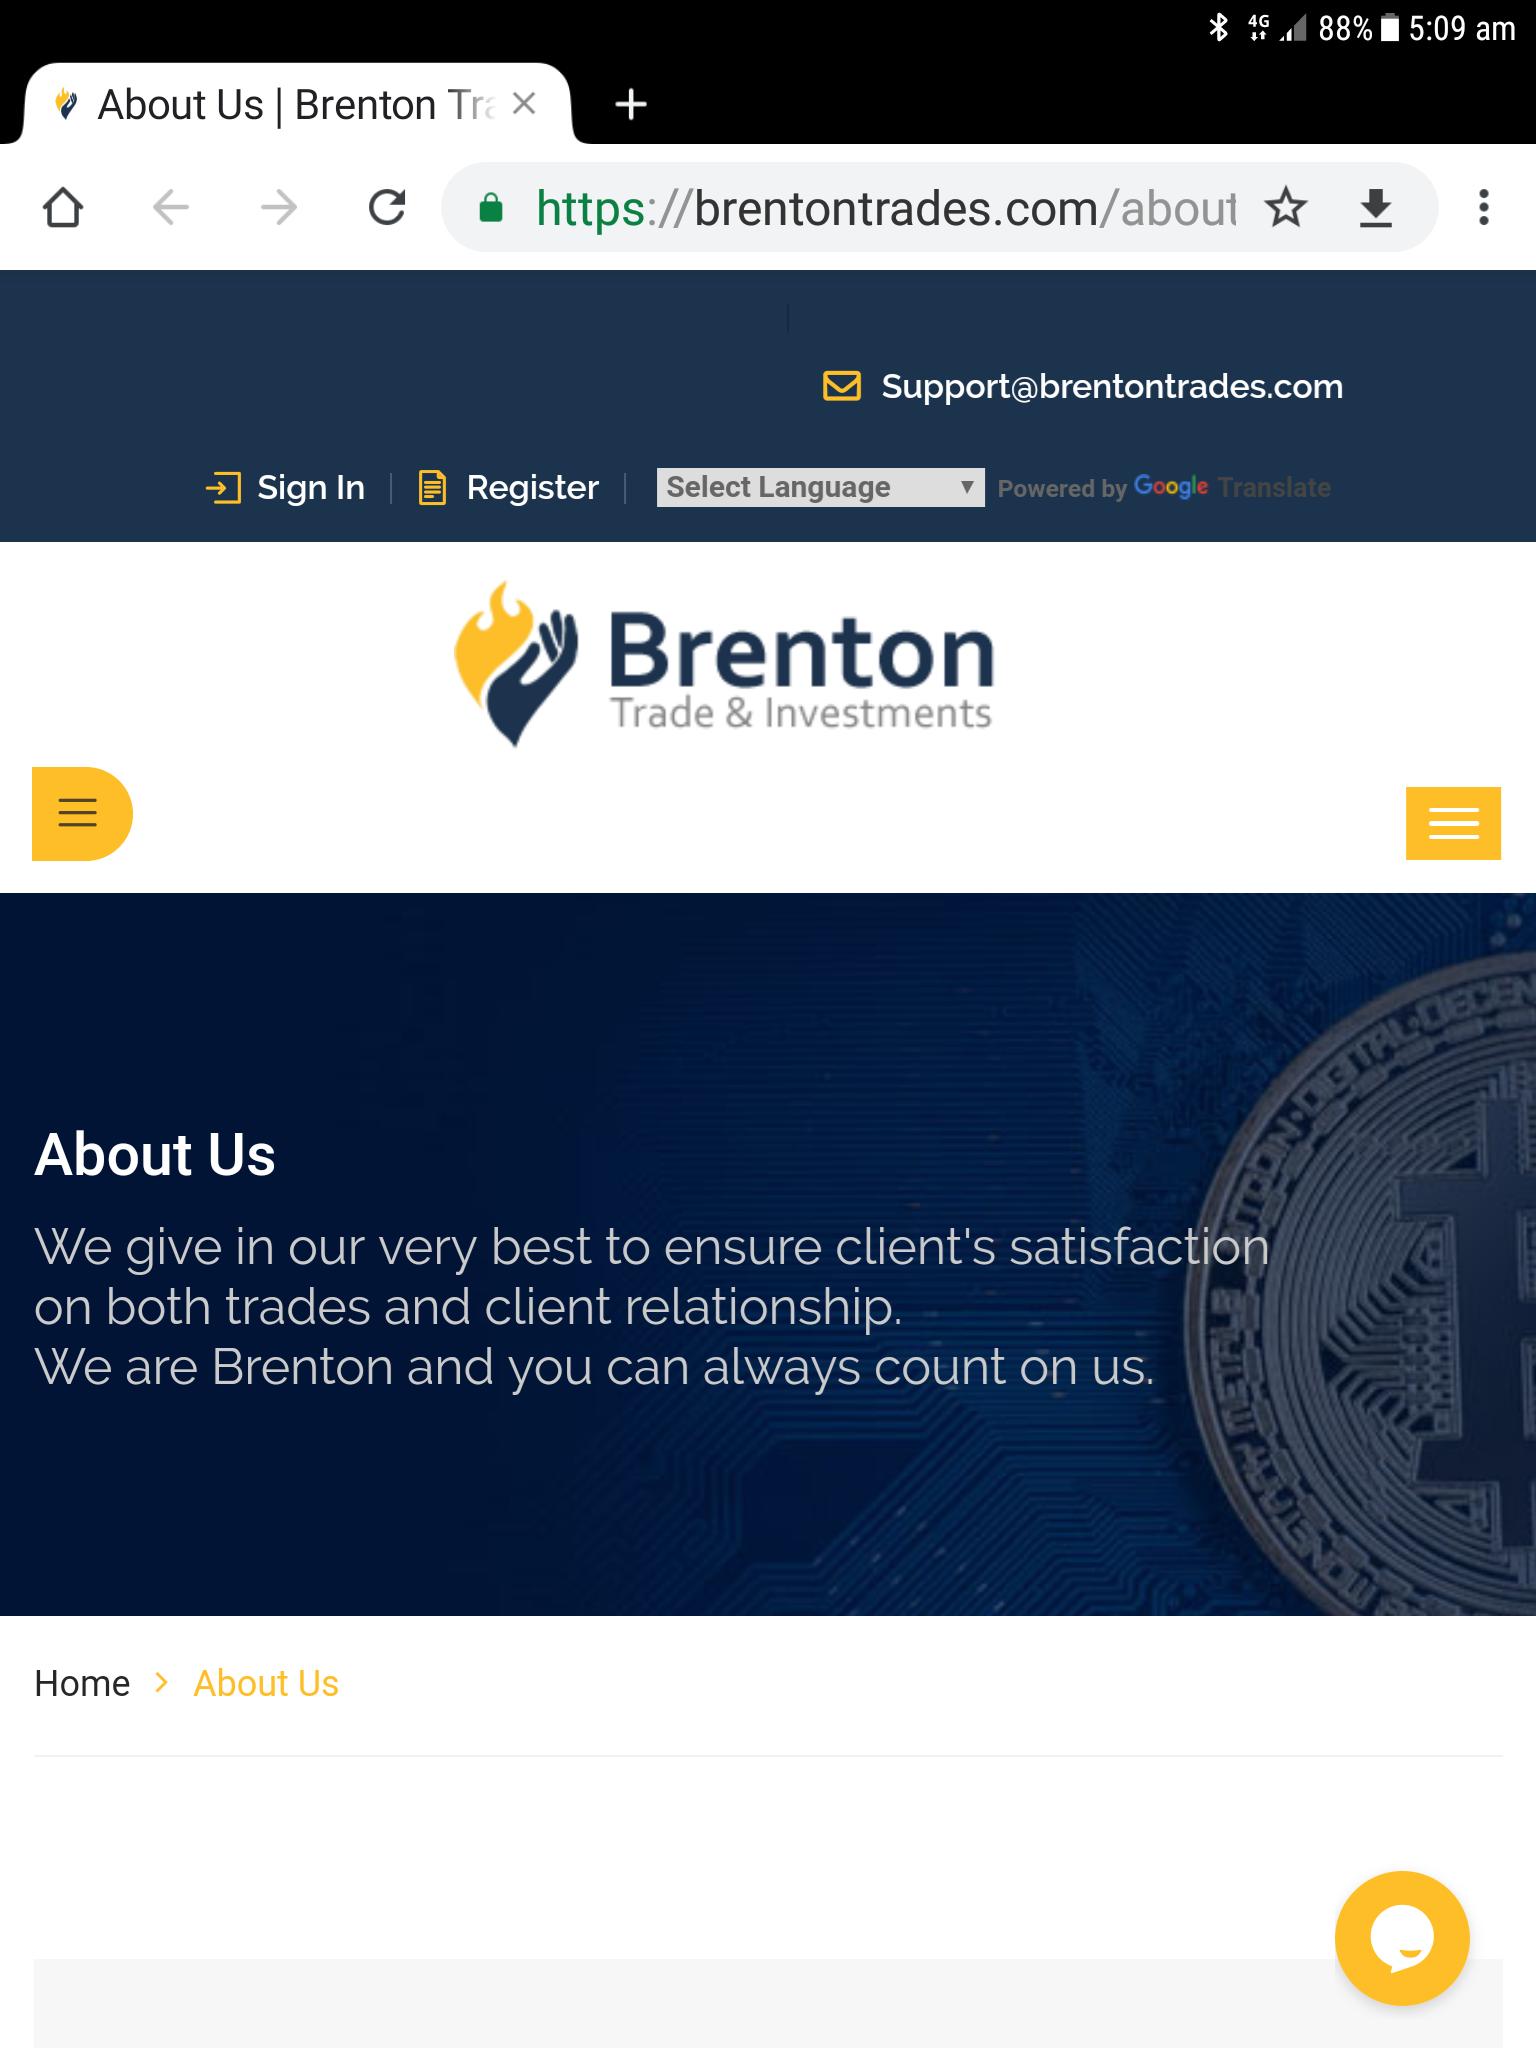 Brentontraders com - Scamadviser com | check a website for risk